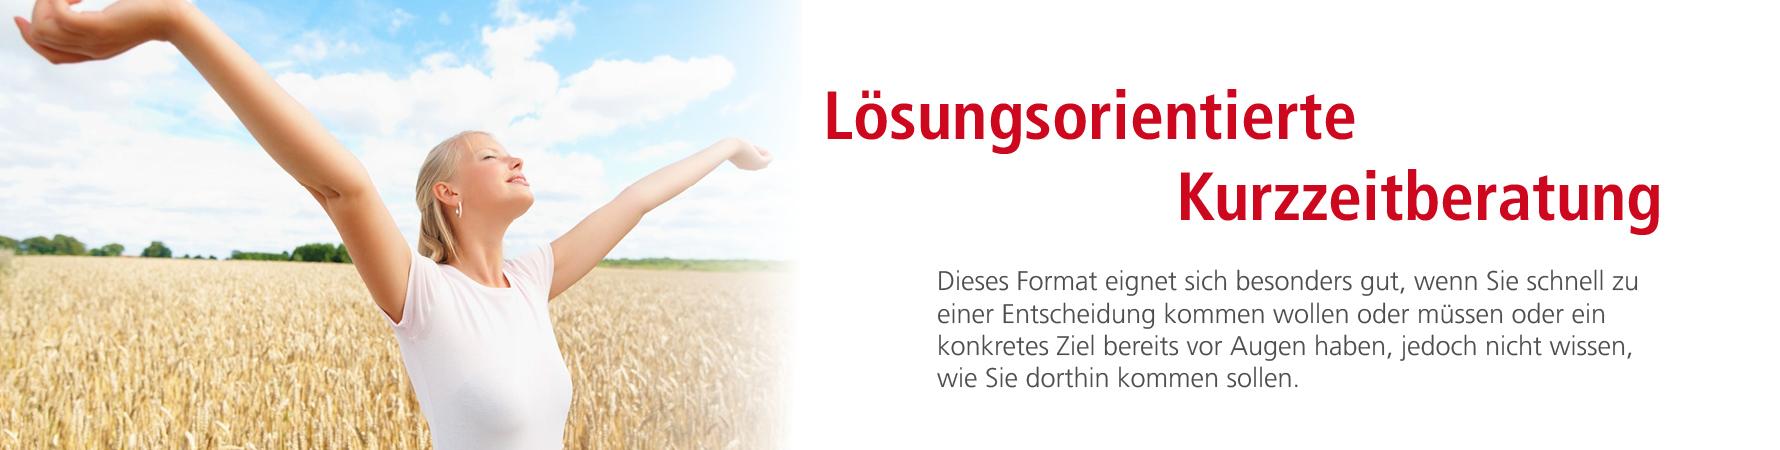 Slider_Sonnenstrahl_Training_V2_5